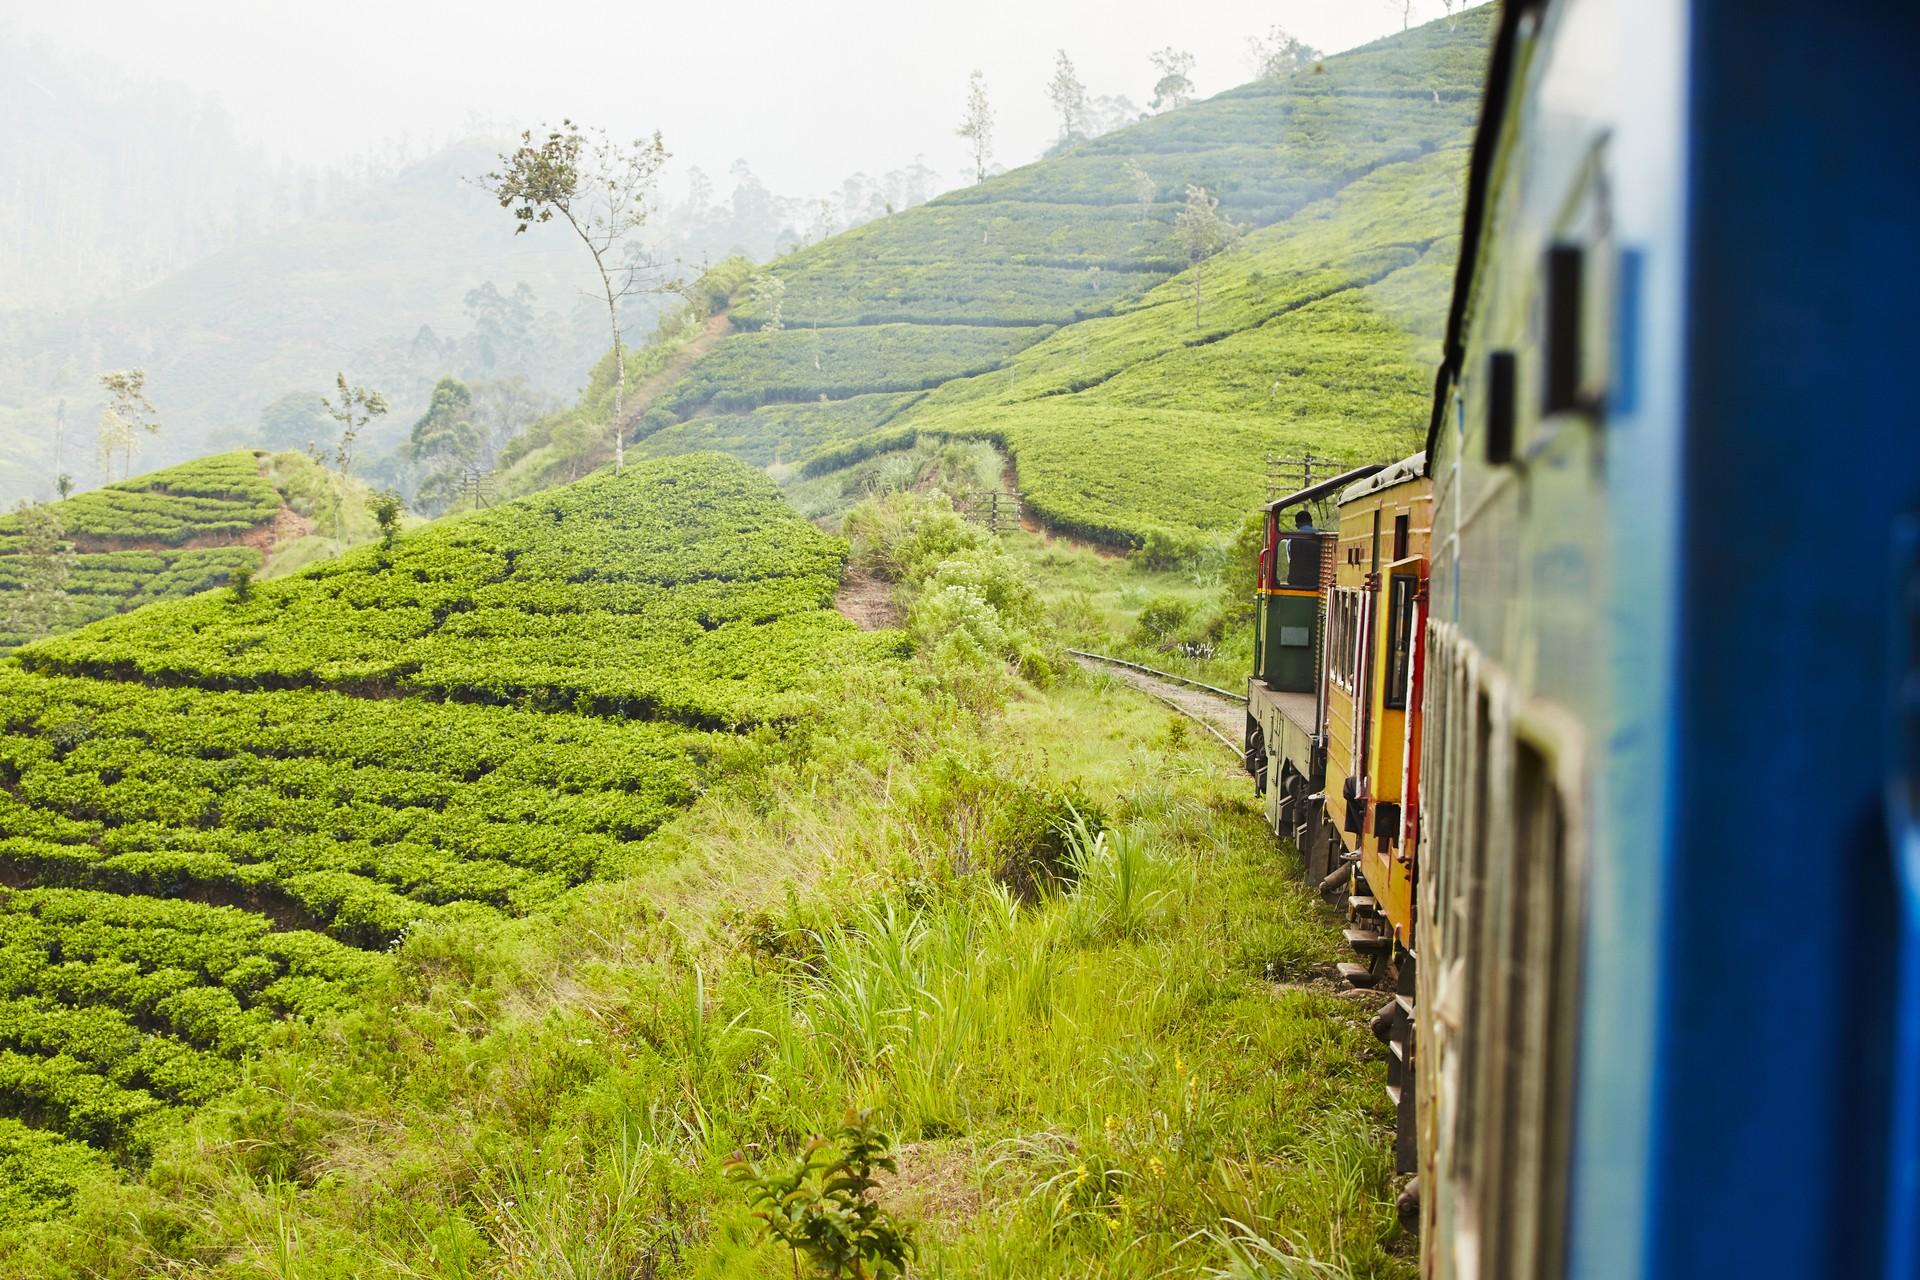 Top 10 scenic destinations: Ella tea plantations